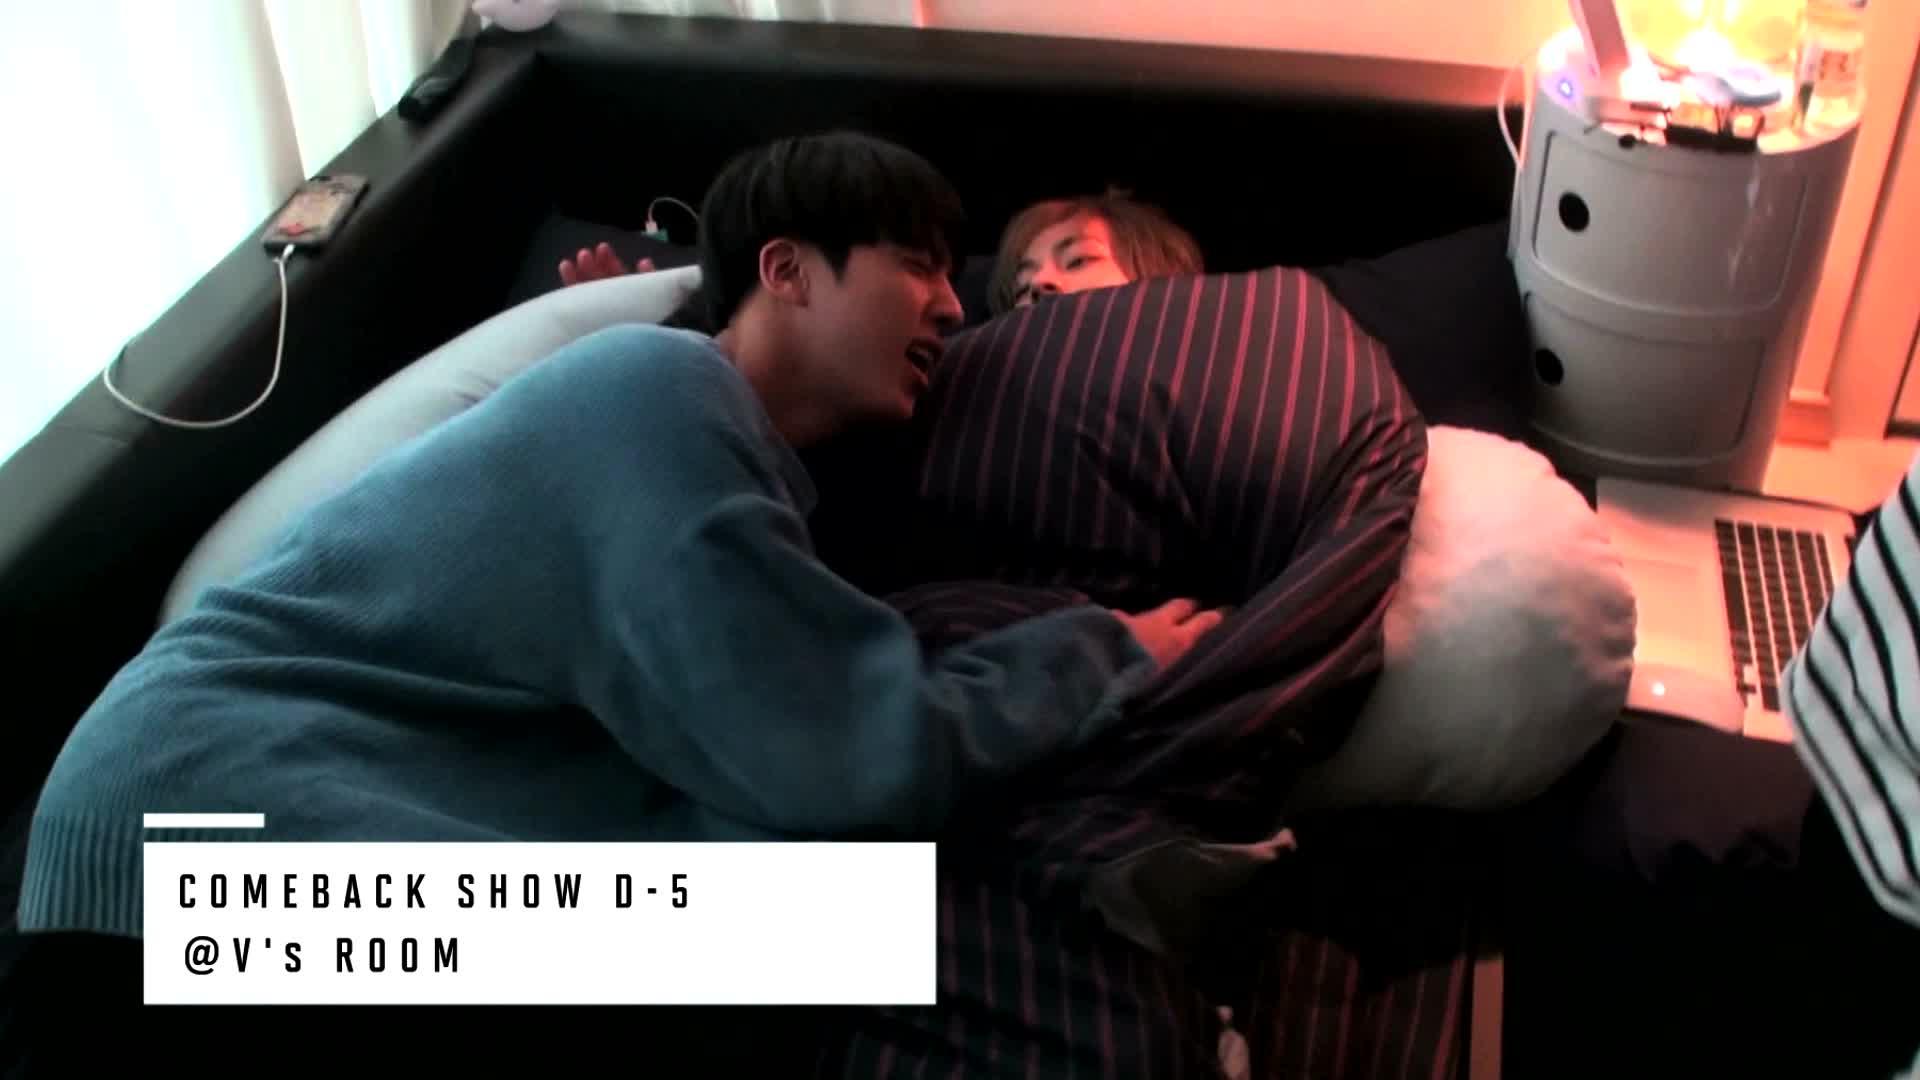 D-5 Teaser: BTS Comeback Show